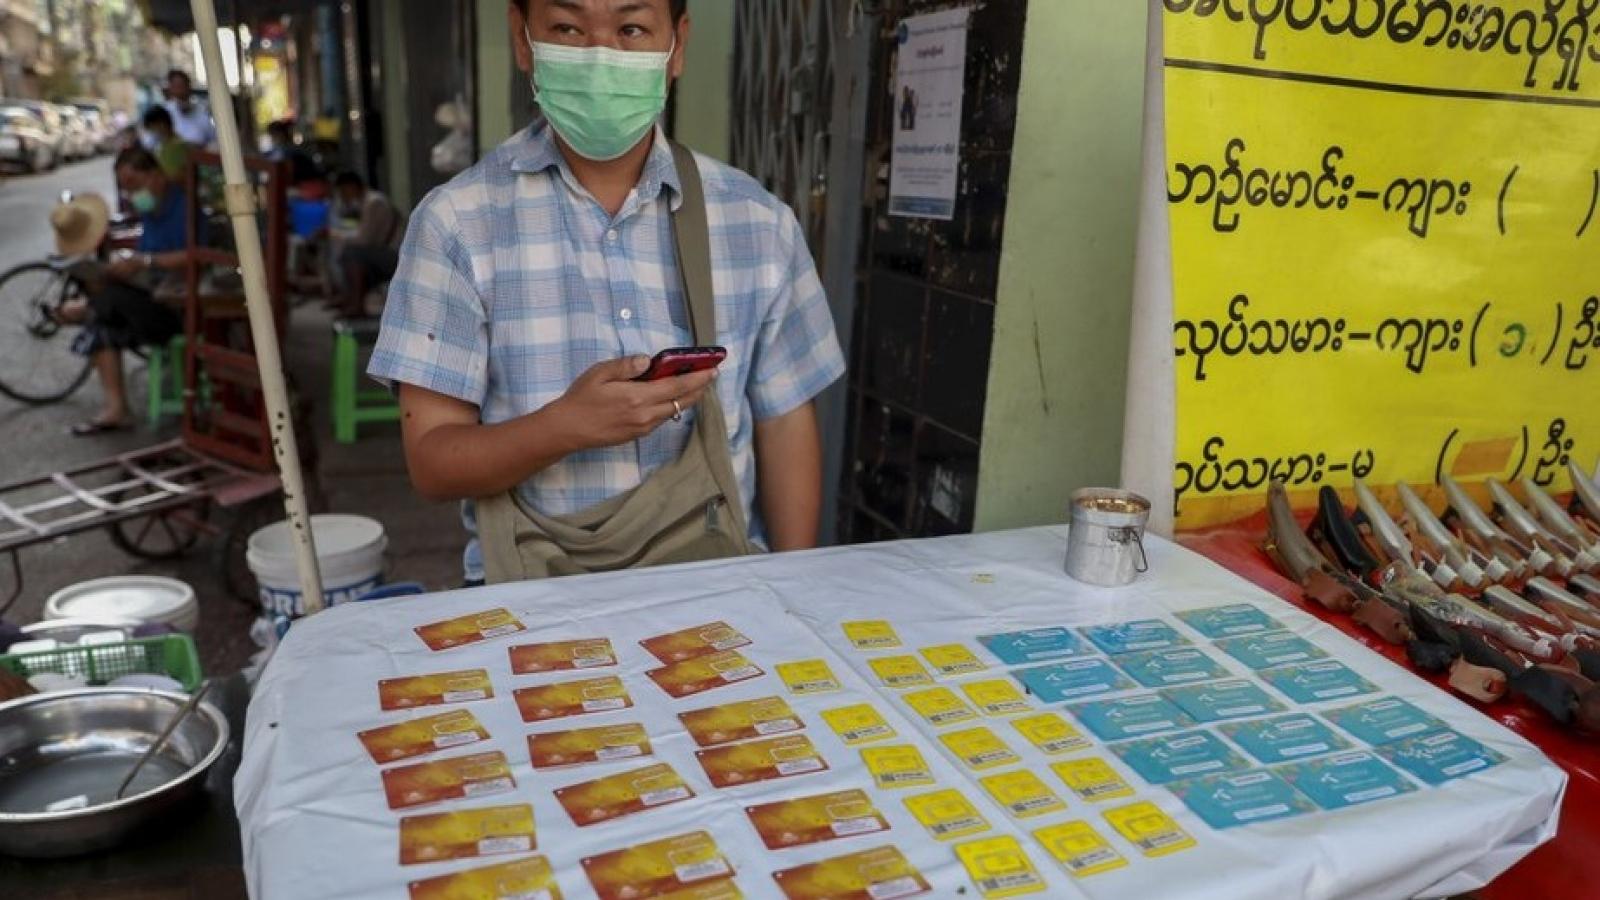 Chính quyền quân sự Myanmar chặn Facebook, dân chúng rầm rộ tẩy chay đảo chính